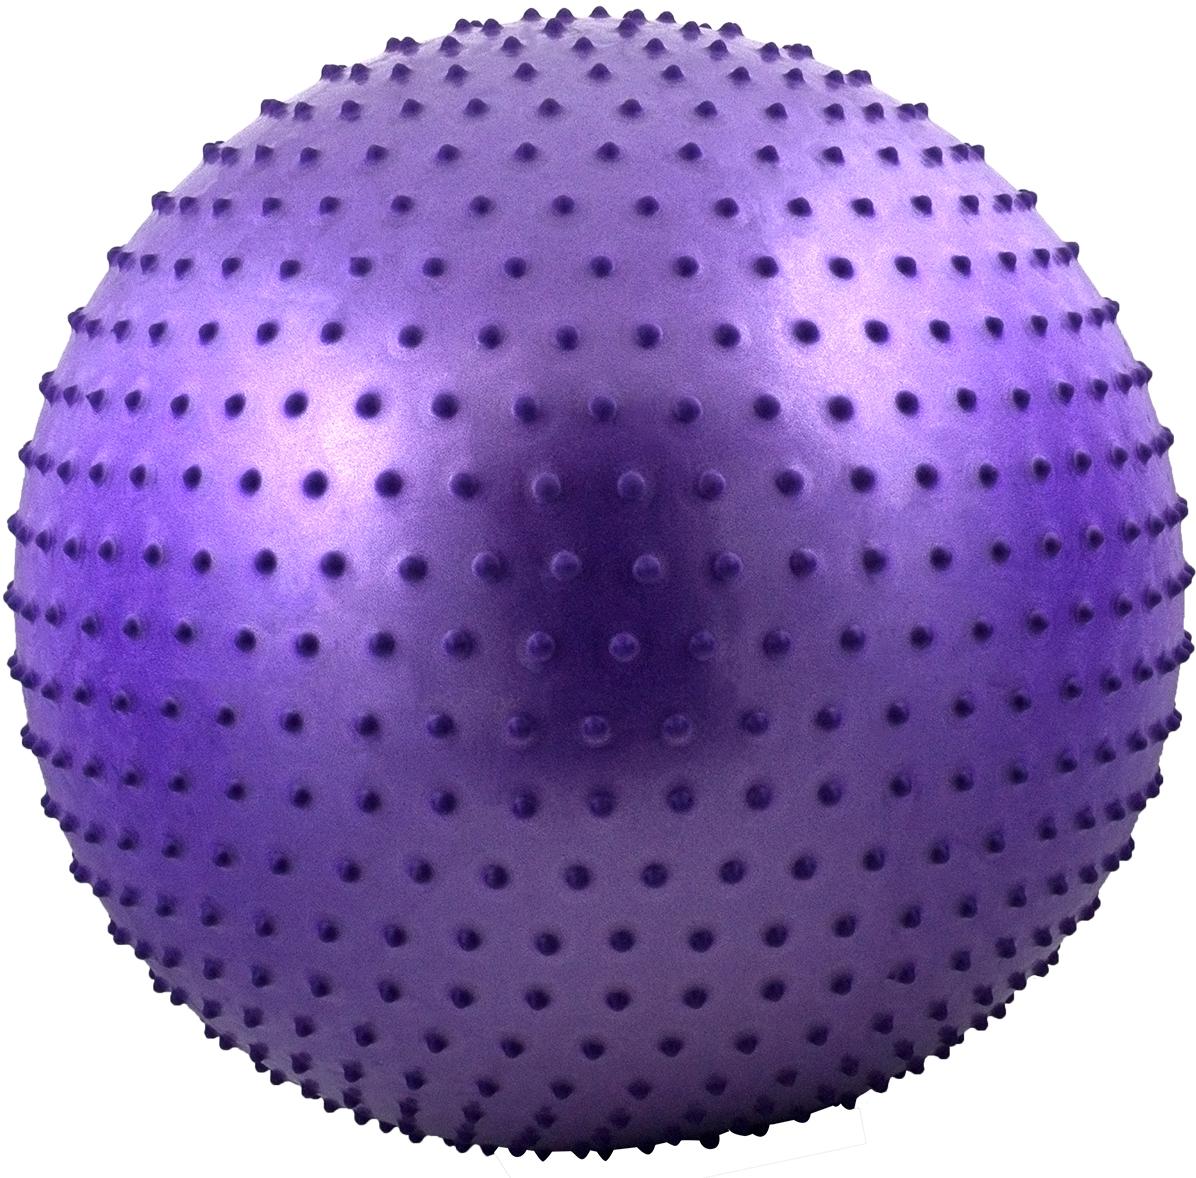 Мяч гимнастический Starfit, антивзрыв, массажный, цвет: фиолетовый, диаметр 75 см эспандеры starfit эспандер starfit es 702 power twister черный 50 кг